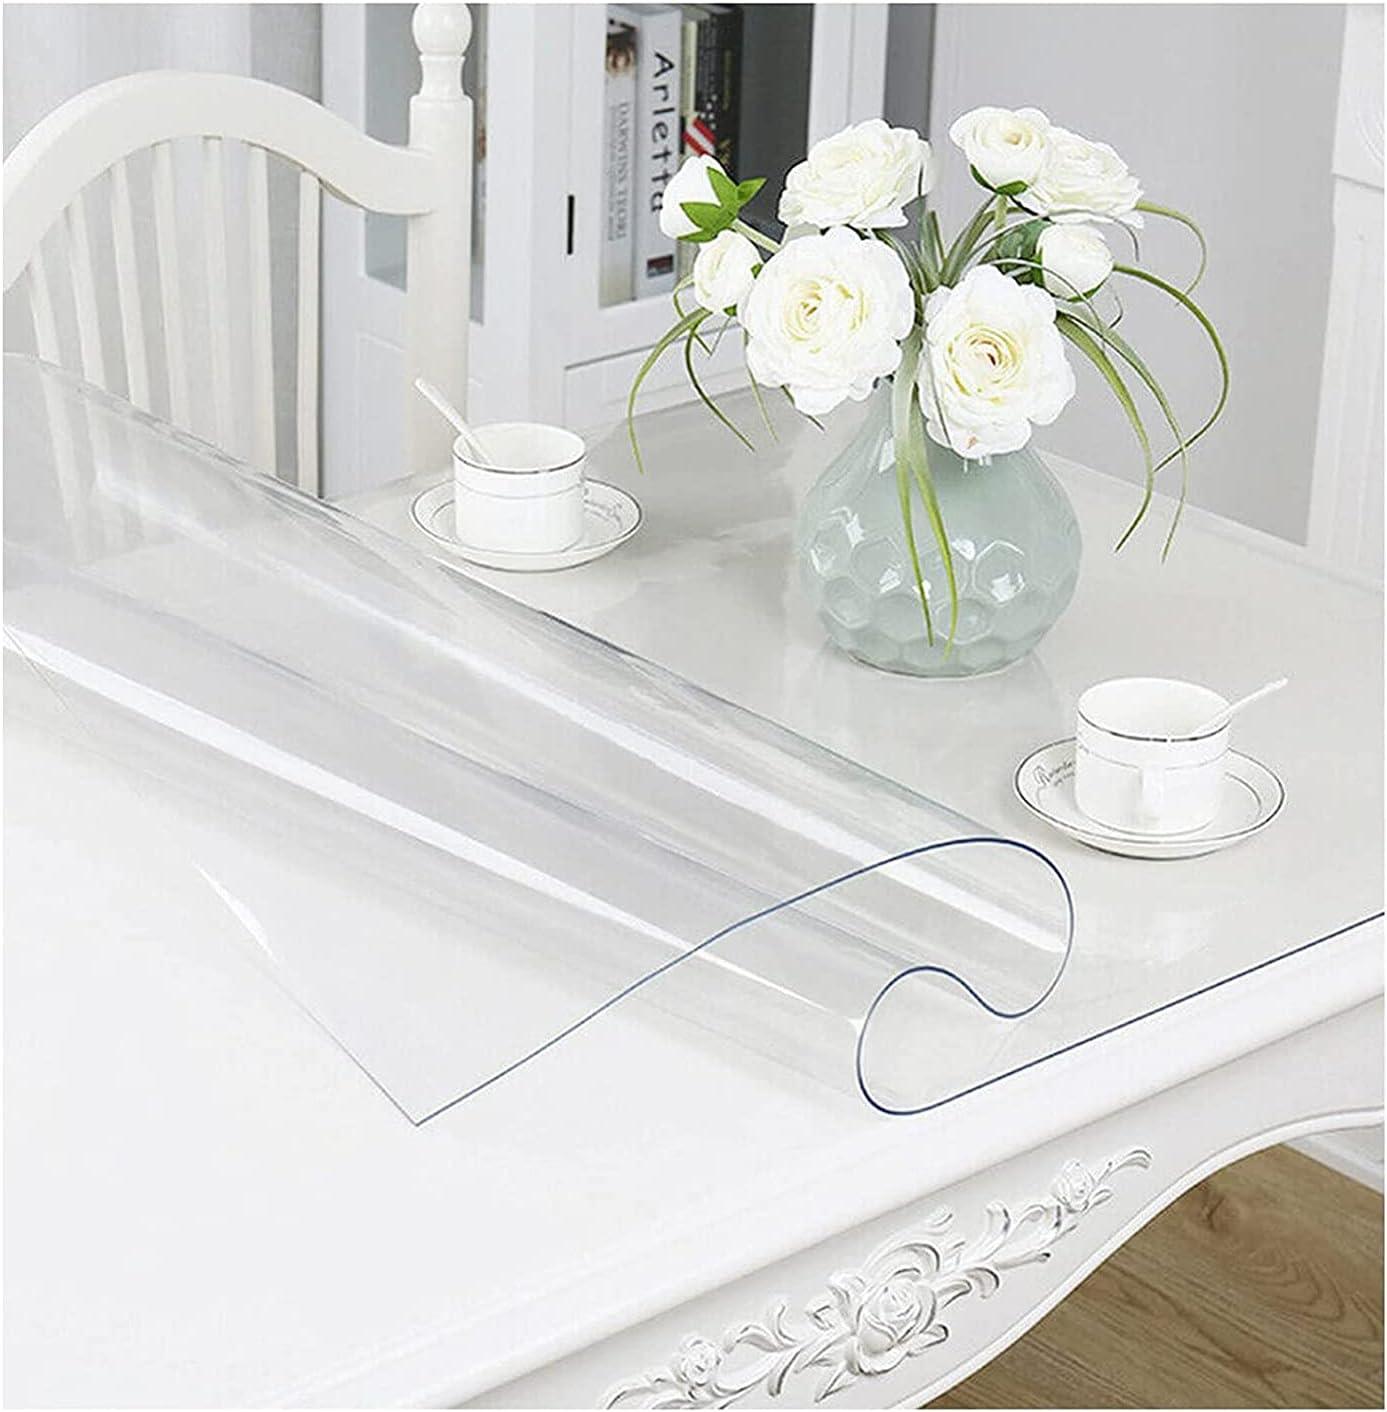 Tapete de escritorio transparente 1 mm, tapete de escritorio de PVC impermeable, tapete de protección lavable, utilizado para escritorio de oficina en casa, mesa de comedor (size:170x170cm/66.93x66.